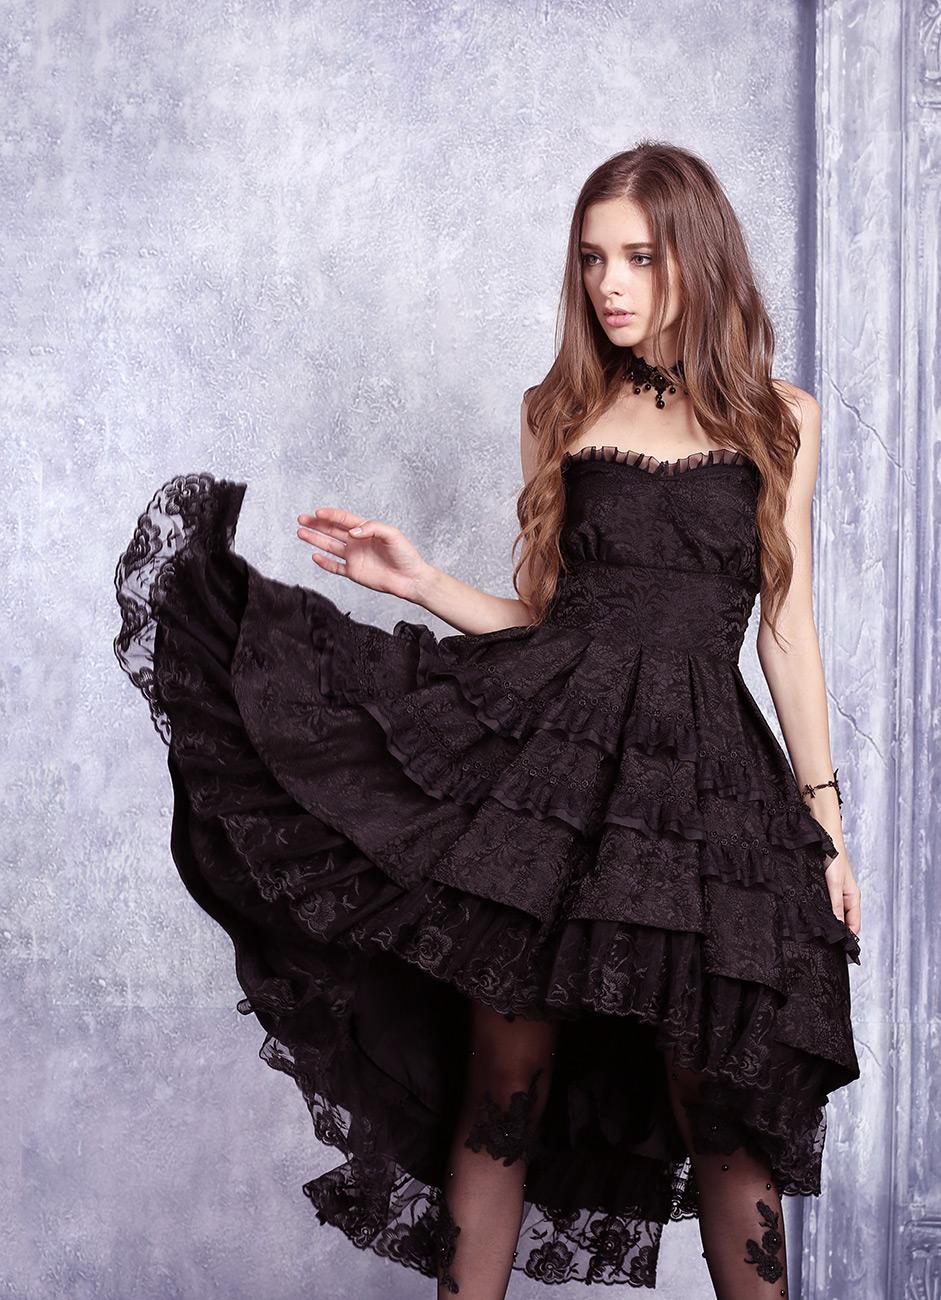 fd779d25ef7 Robe bustier noire mi longue bouffante dentelle fleurie lolita gothique  vampire Size Chart. Photos shoot. Modèle   inconnu